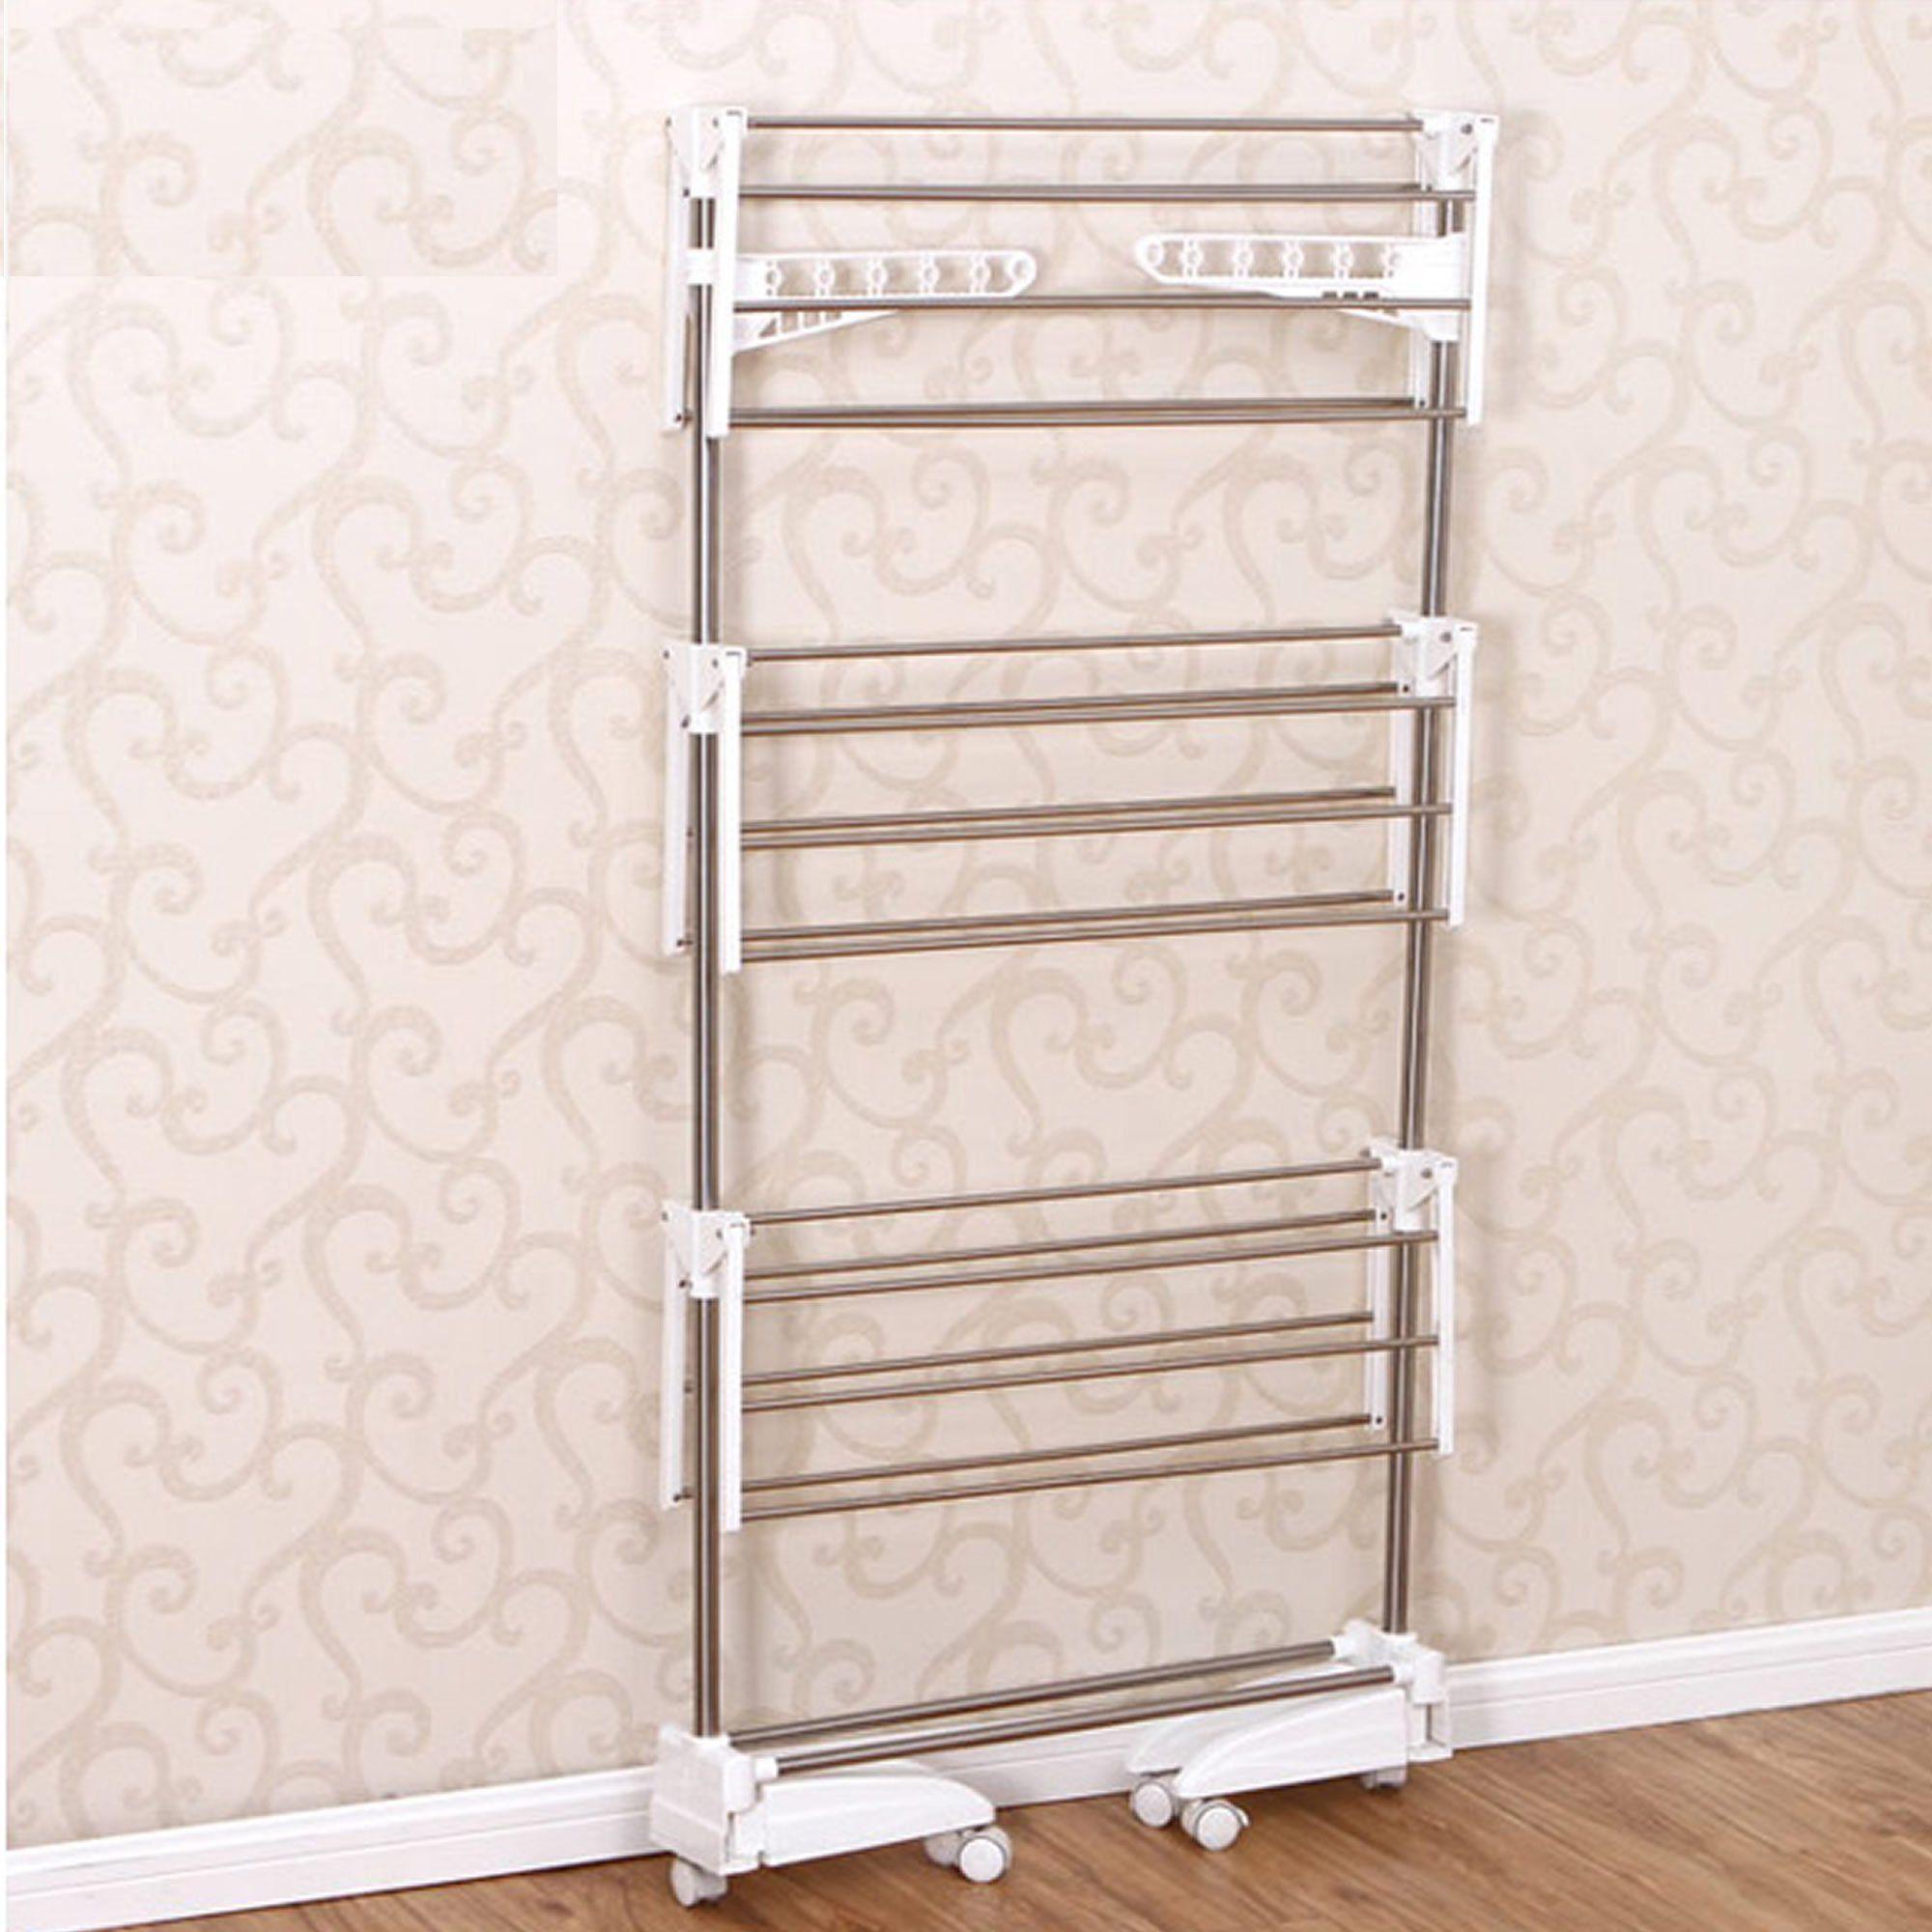 Super Varal de chão 3 andares secar roupas aço inox dobrável CBR03259